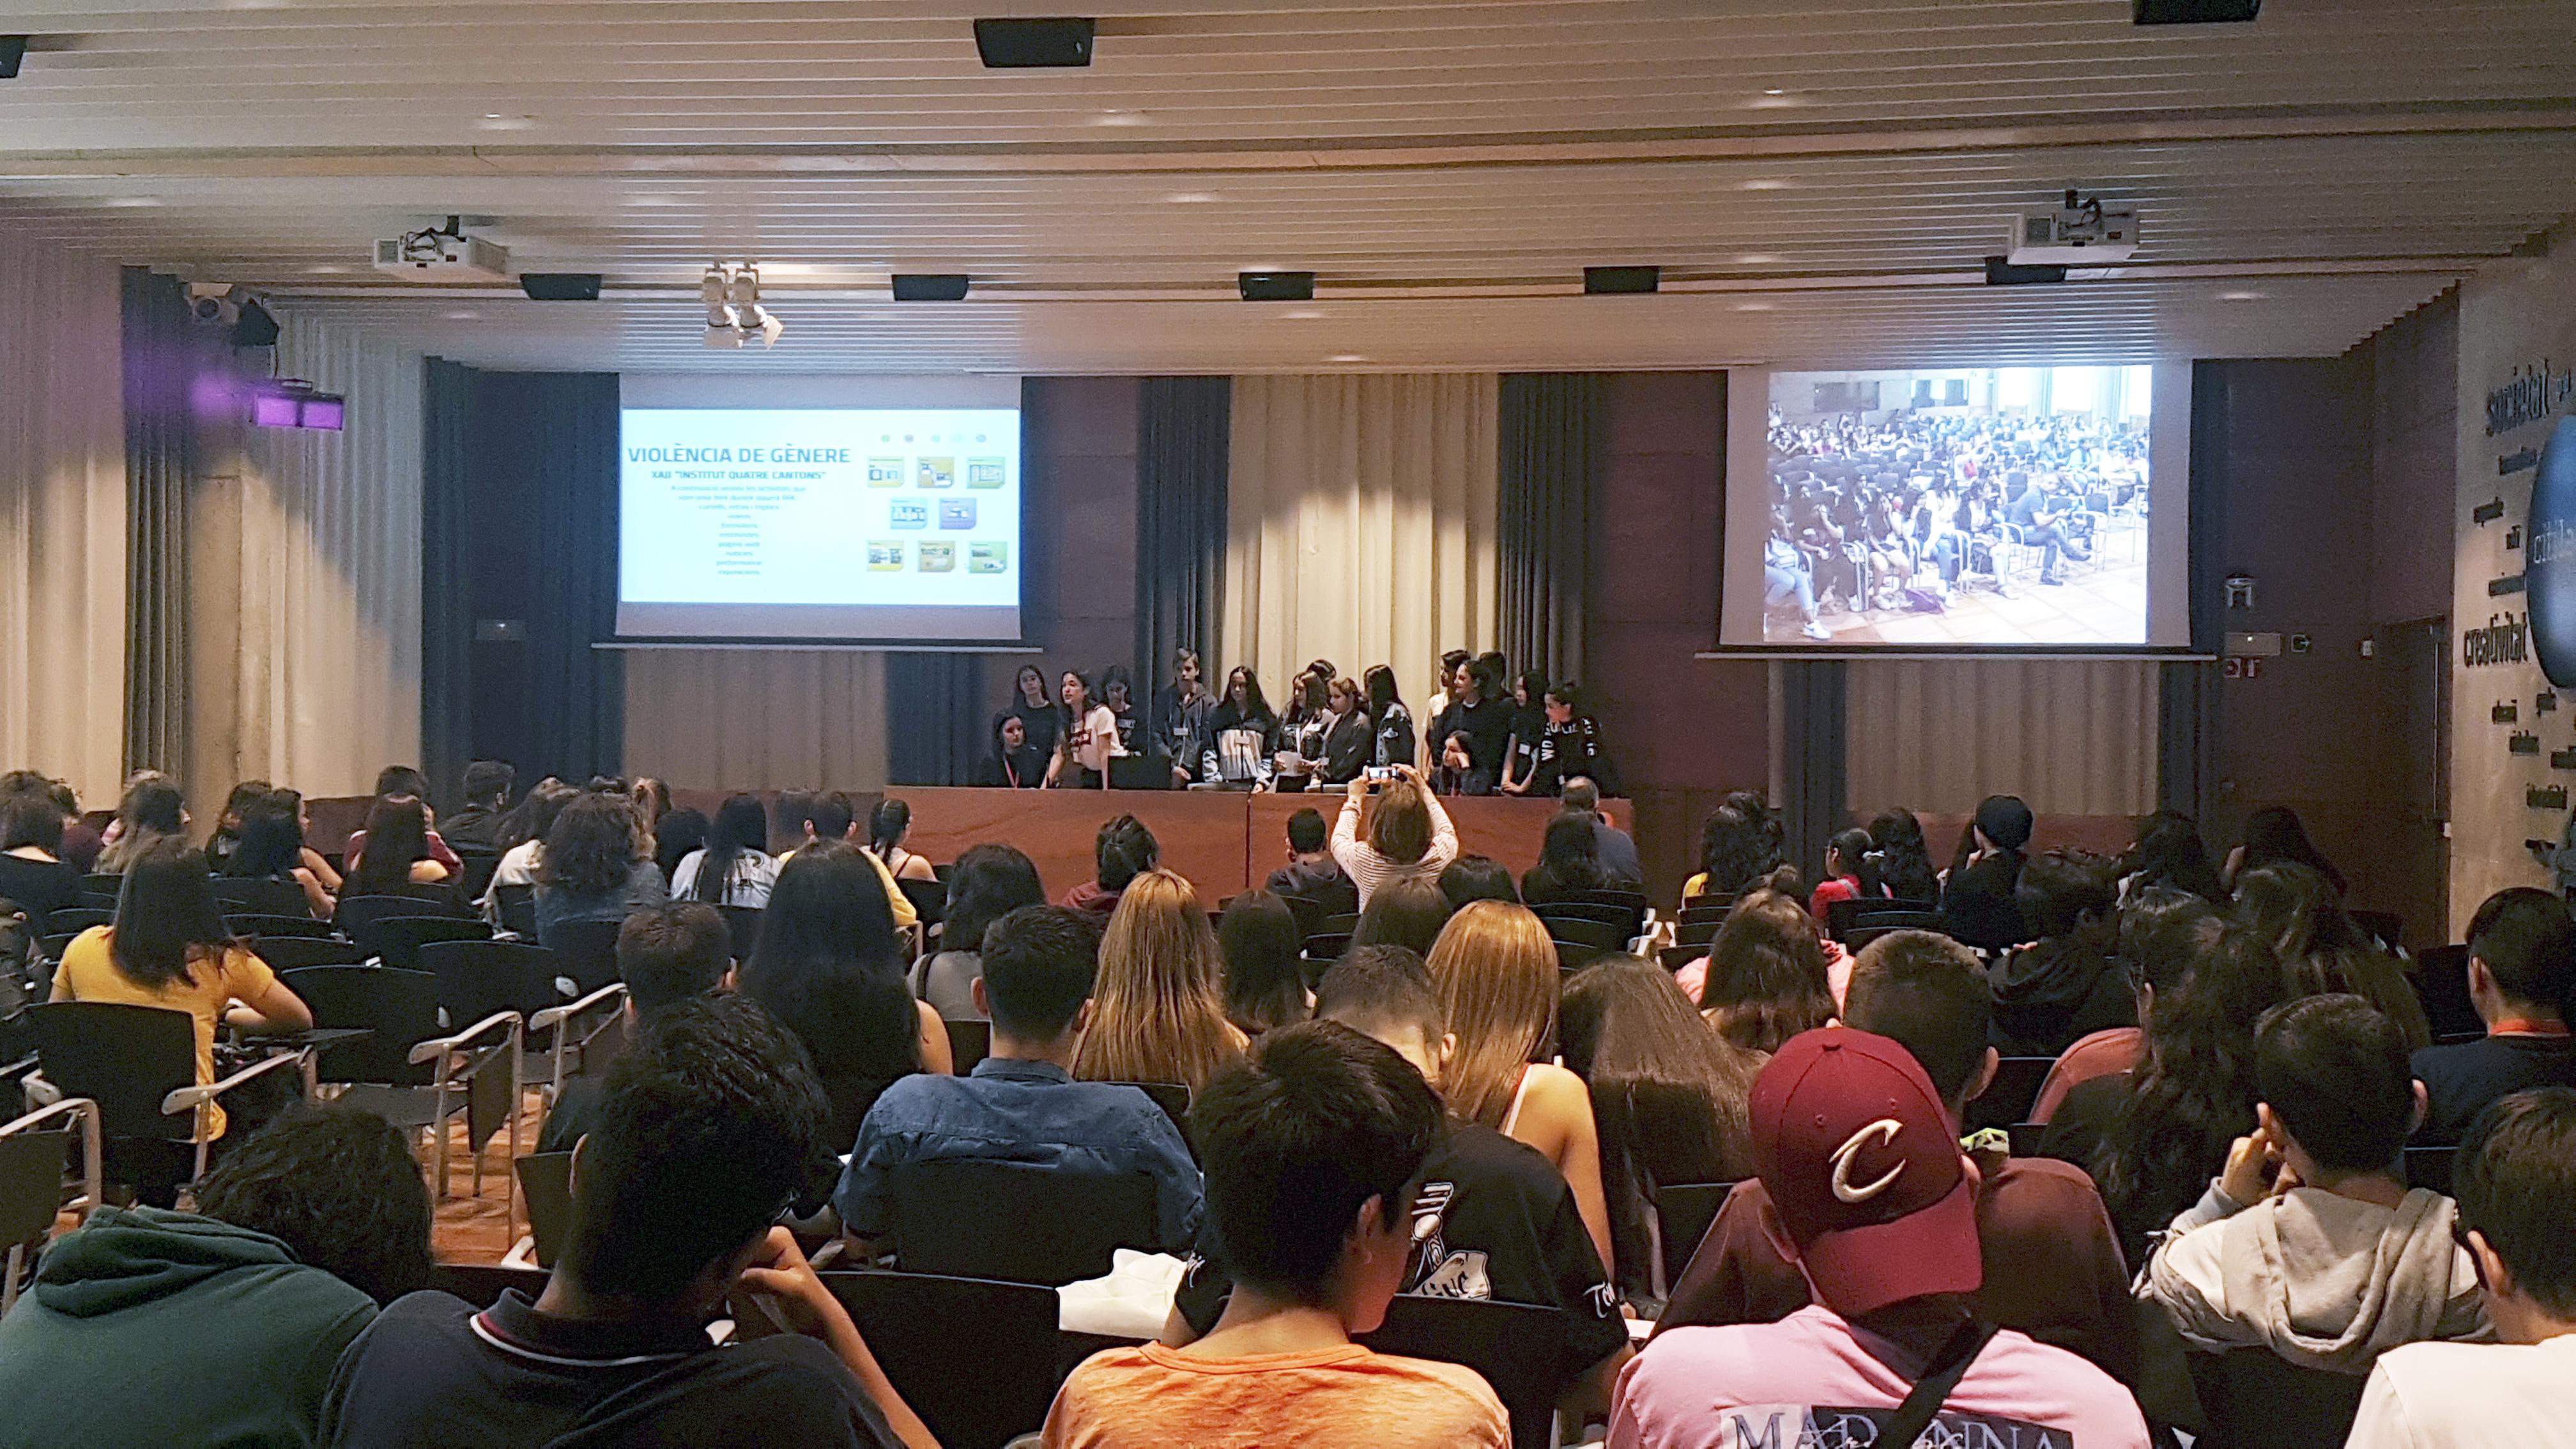 Més De 130 Joves Participen En La 6a Trobada XAJI Sobre Igualtat De Gènere Al Citilab